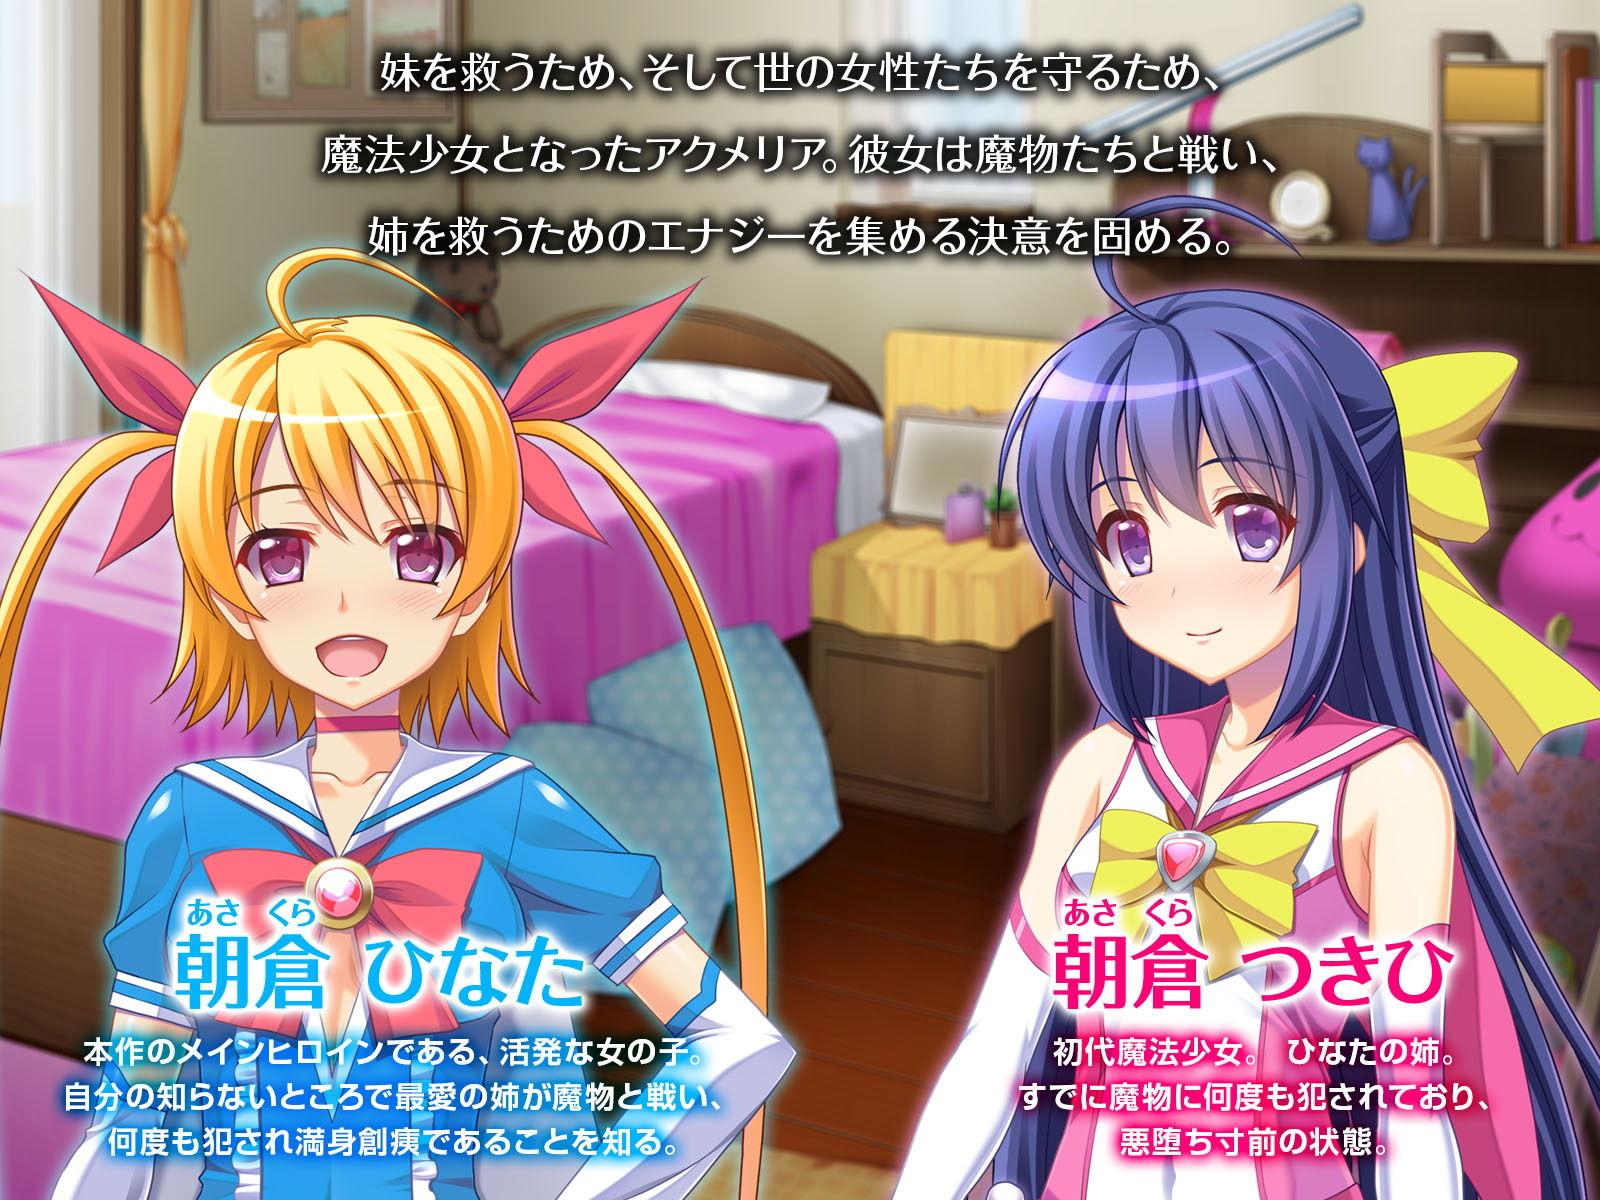 アヘイキ魔法少女VS触手!! ~悪堕ちフタナリ姉妹丼~ エロ画像